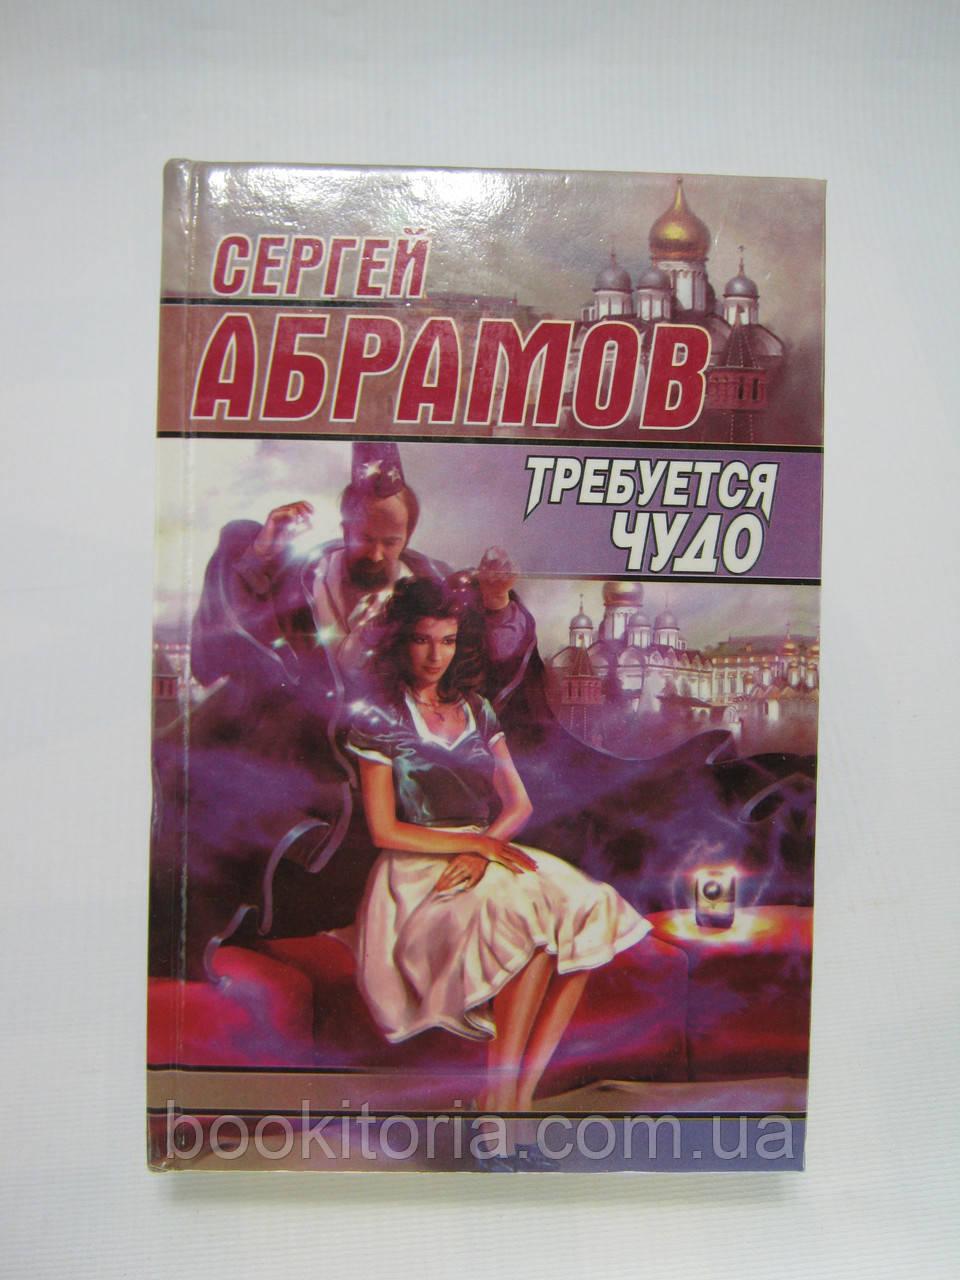 Абрамов С. Требуется чудо. Сказки большого города (б/у).